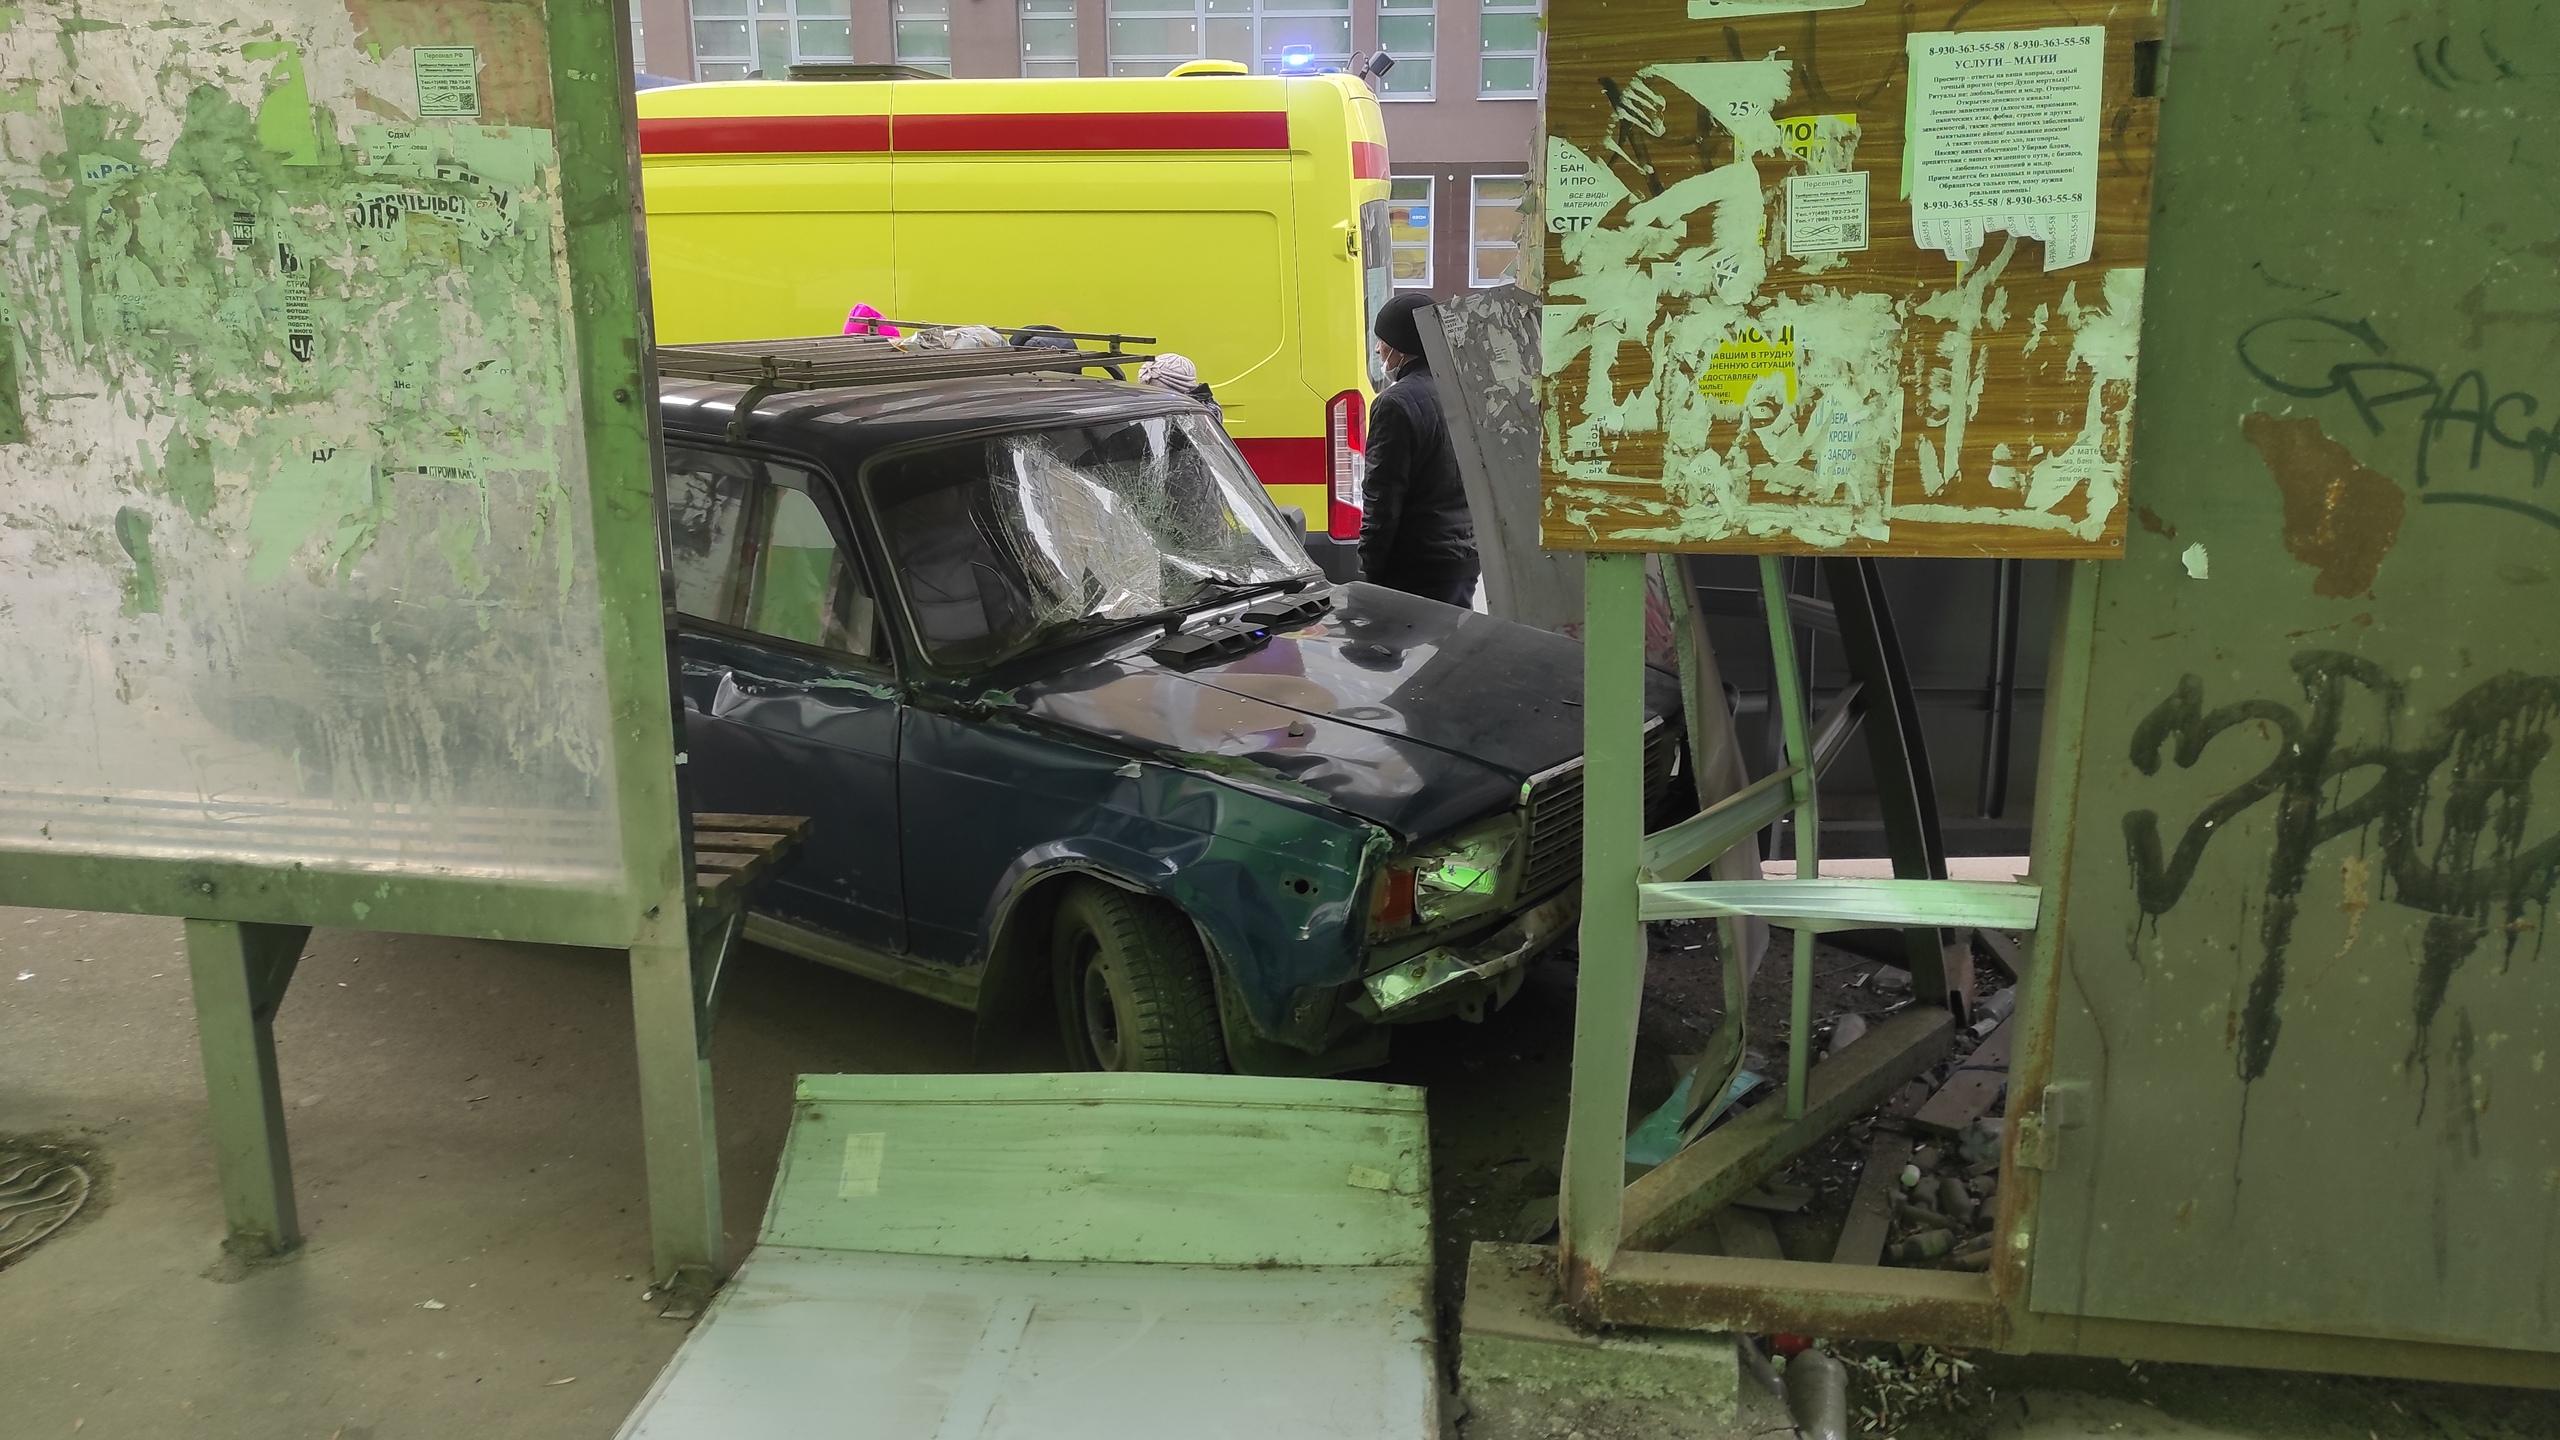 В ДТП у «Ленты» пострадали люди: машина врезалась в остановку